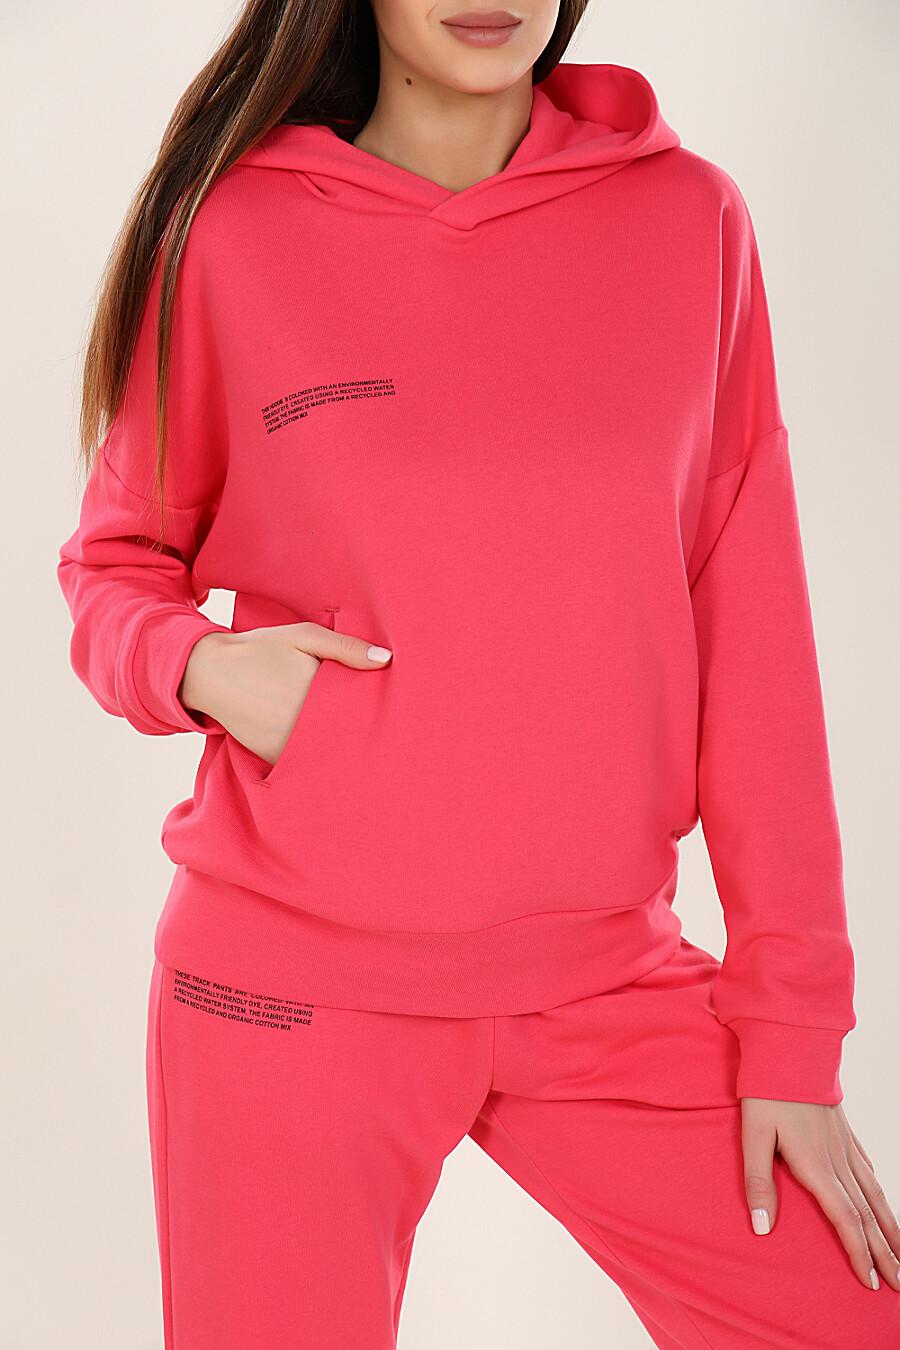 Костюм 16038 для женщин НАТАЛИ 289683 купить оптом от производителя. Совместная покупка женской одежды в OptMoyo